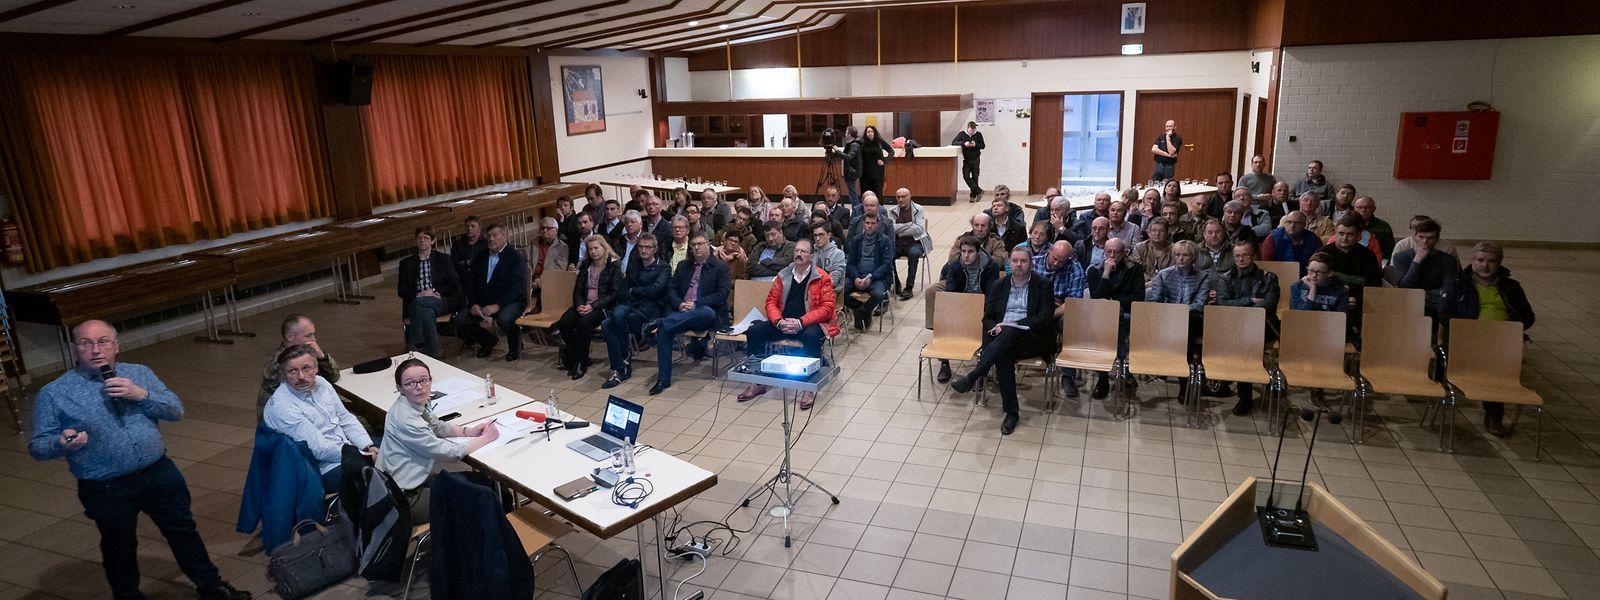 Etwa 70 Personen hatten den Weg am Donnerstagabend nach Küntzig gefunden.